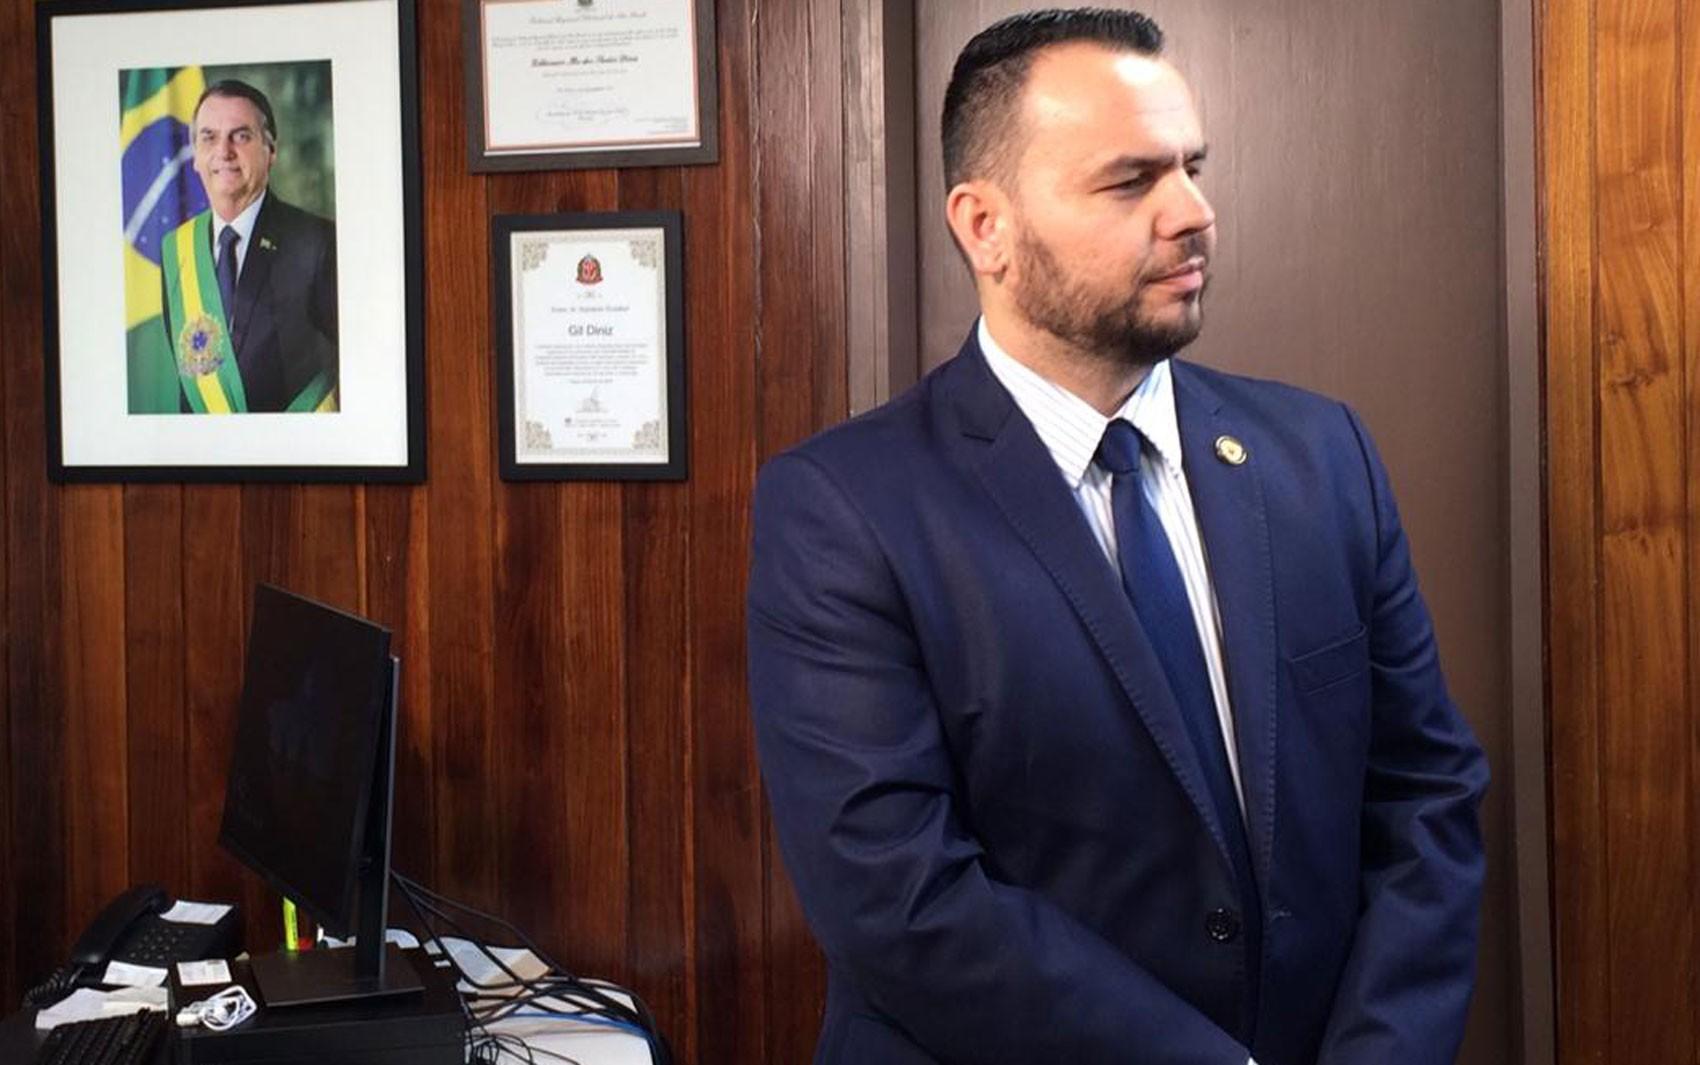 Deputado Gil Diniz recorre à Justiça e derruba decisão do próprio partido de suspendê-lo: 'a punição do PSL foi arbitrária'